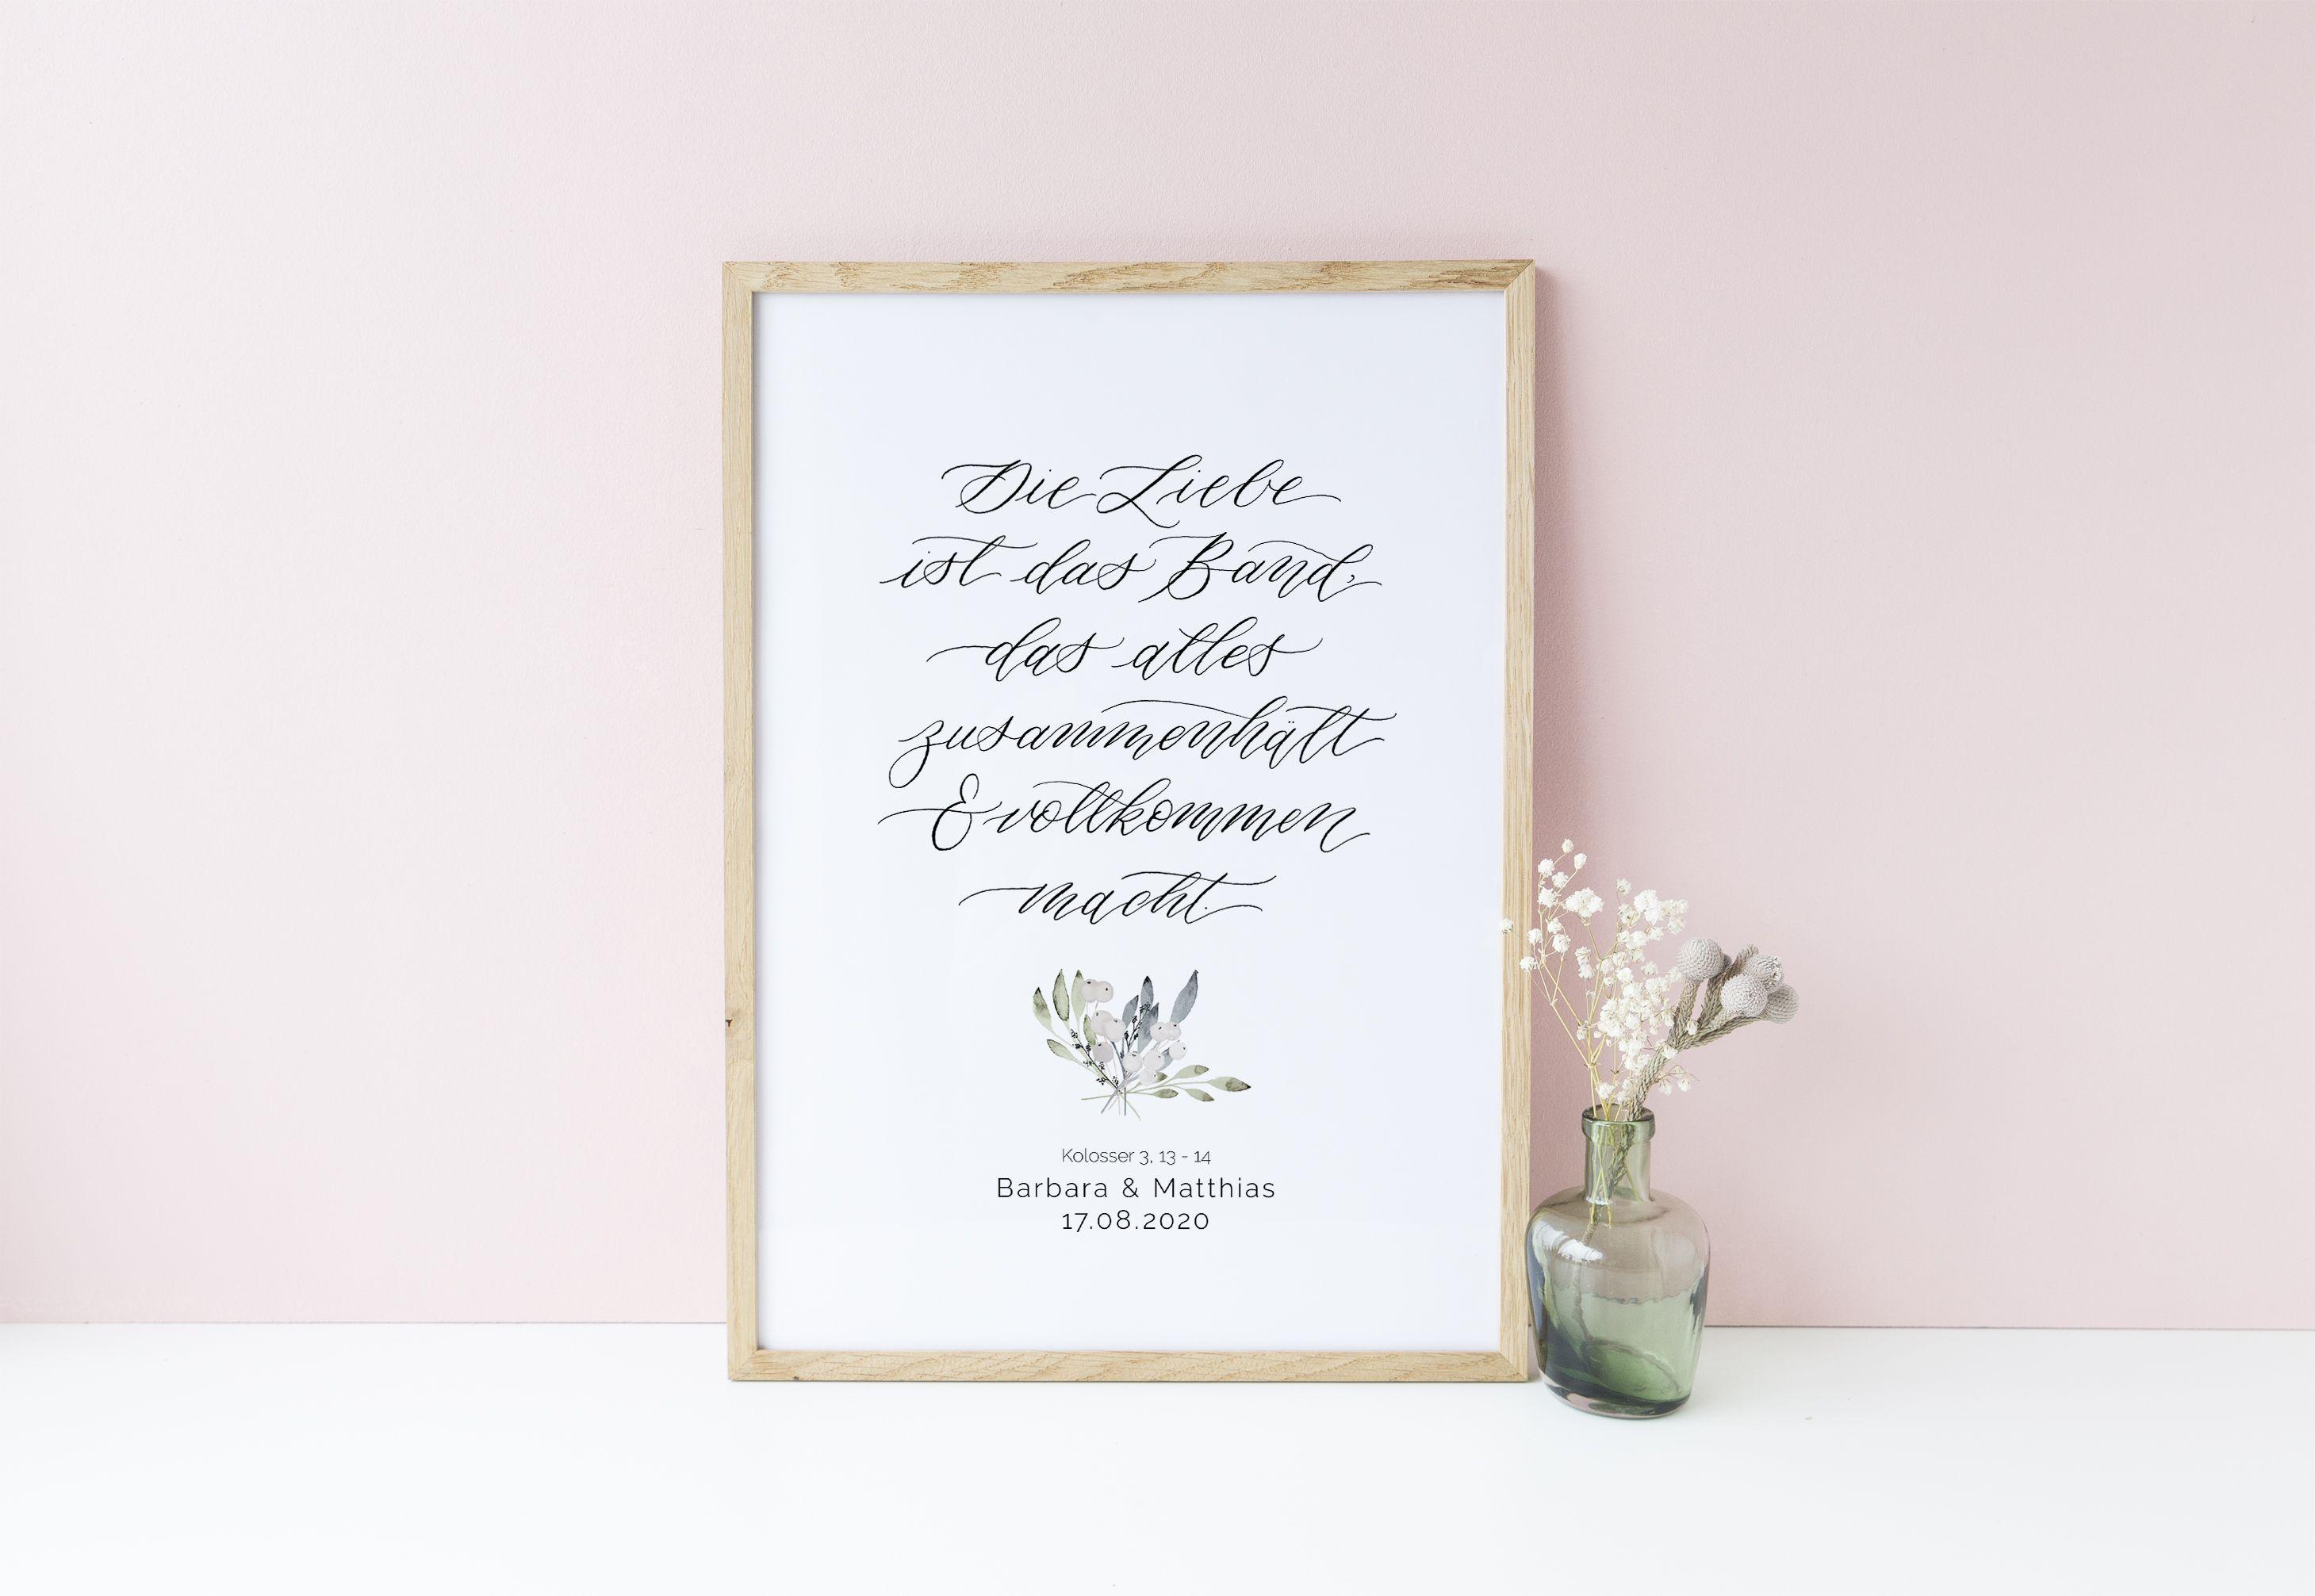 Poster Hochzeit Personalisiert Die Liebe Ist Das Band Kolosserbrief Hochzeitsdekoration Geschenk Hochzeit Hochzeitsgeschenk Trauspruch Hochzeit